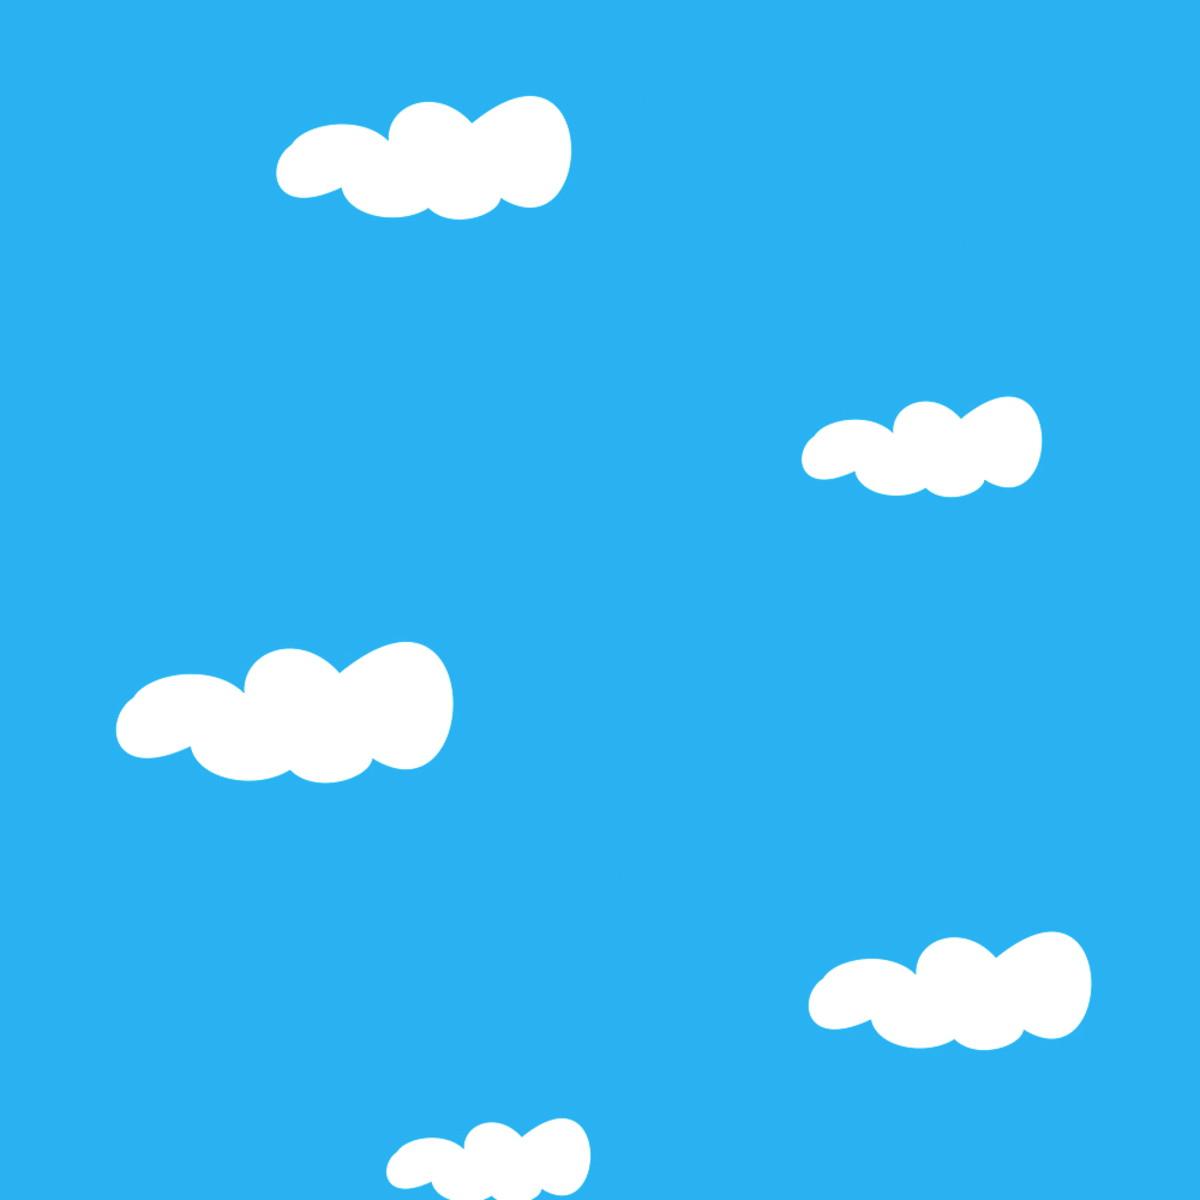 Papel De Parede Nuvens Fundo Azul Ceu Vinil No Elo7 B Shop Decor